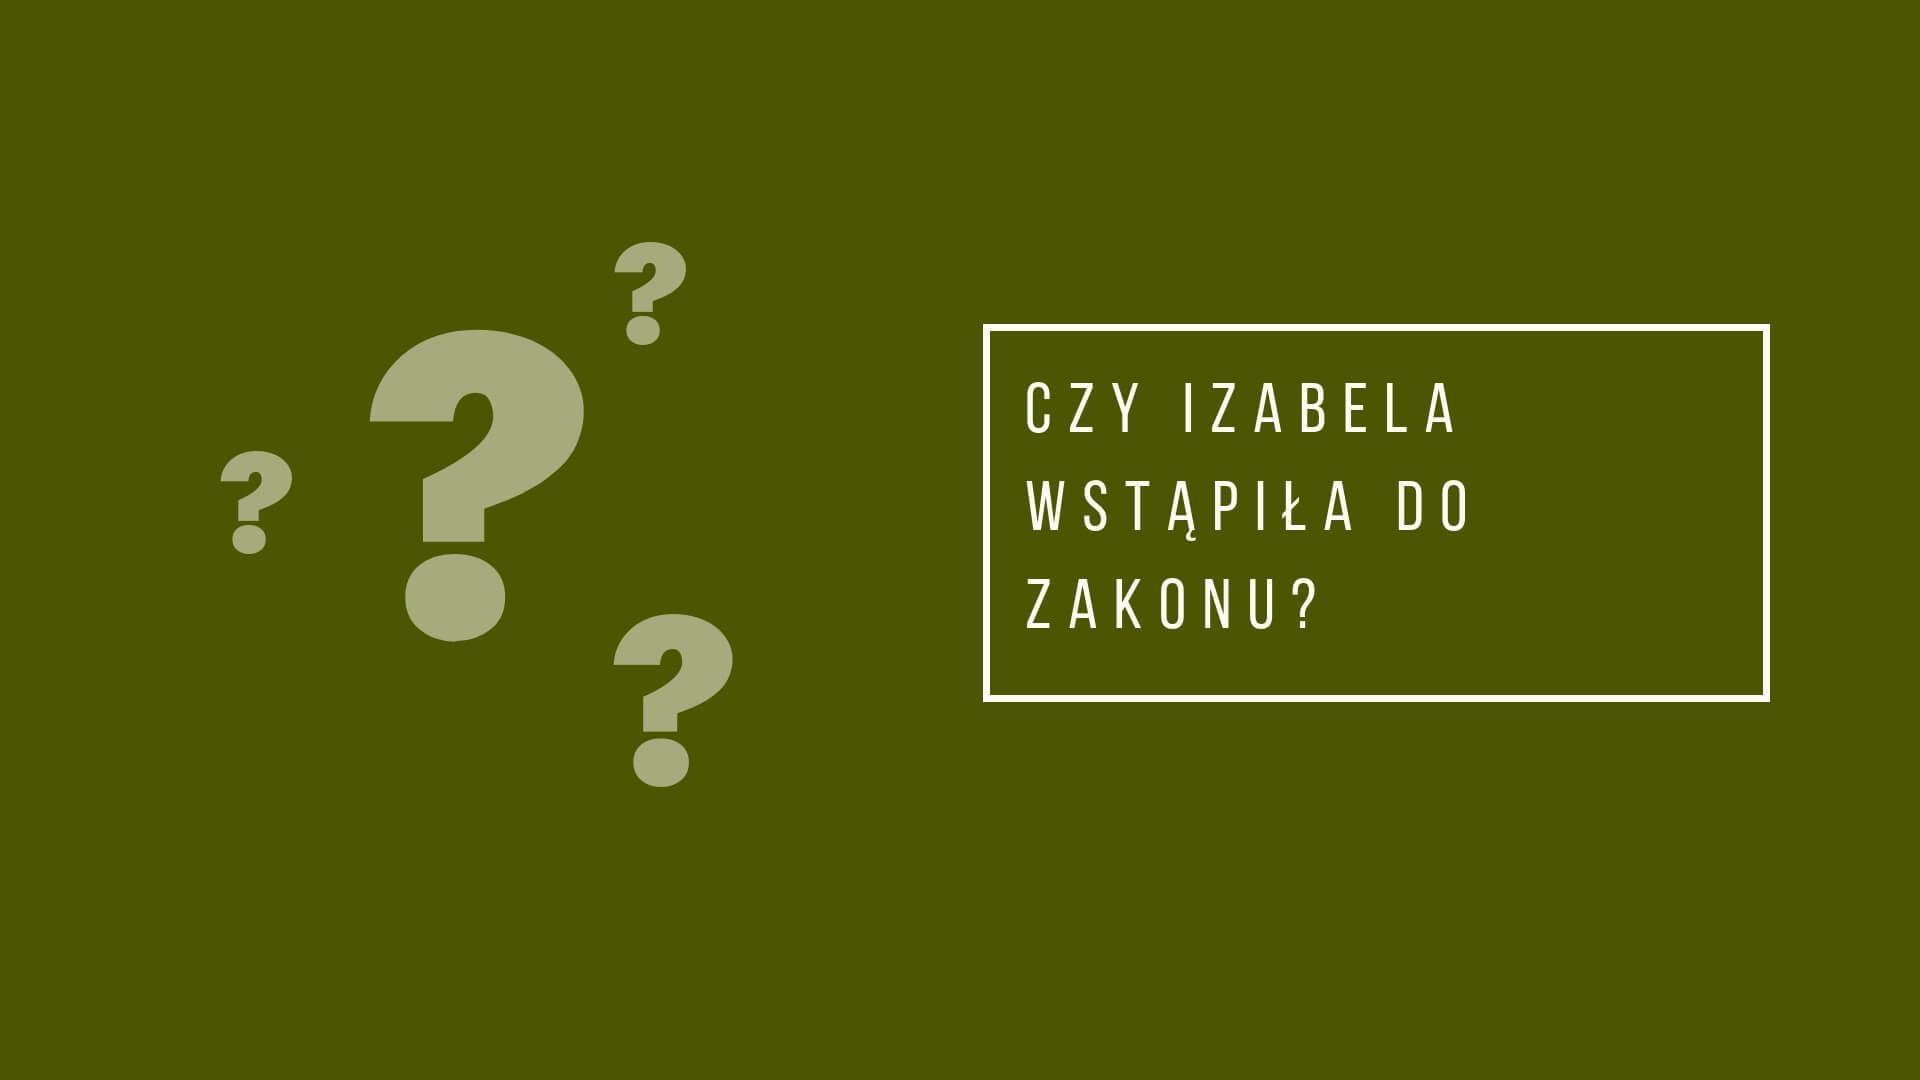 Czy Izabela Łęcka wstąpiła do zakonu?